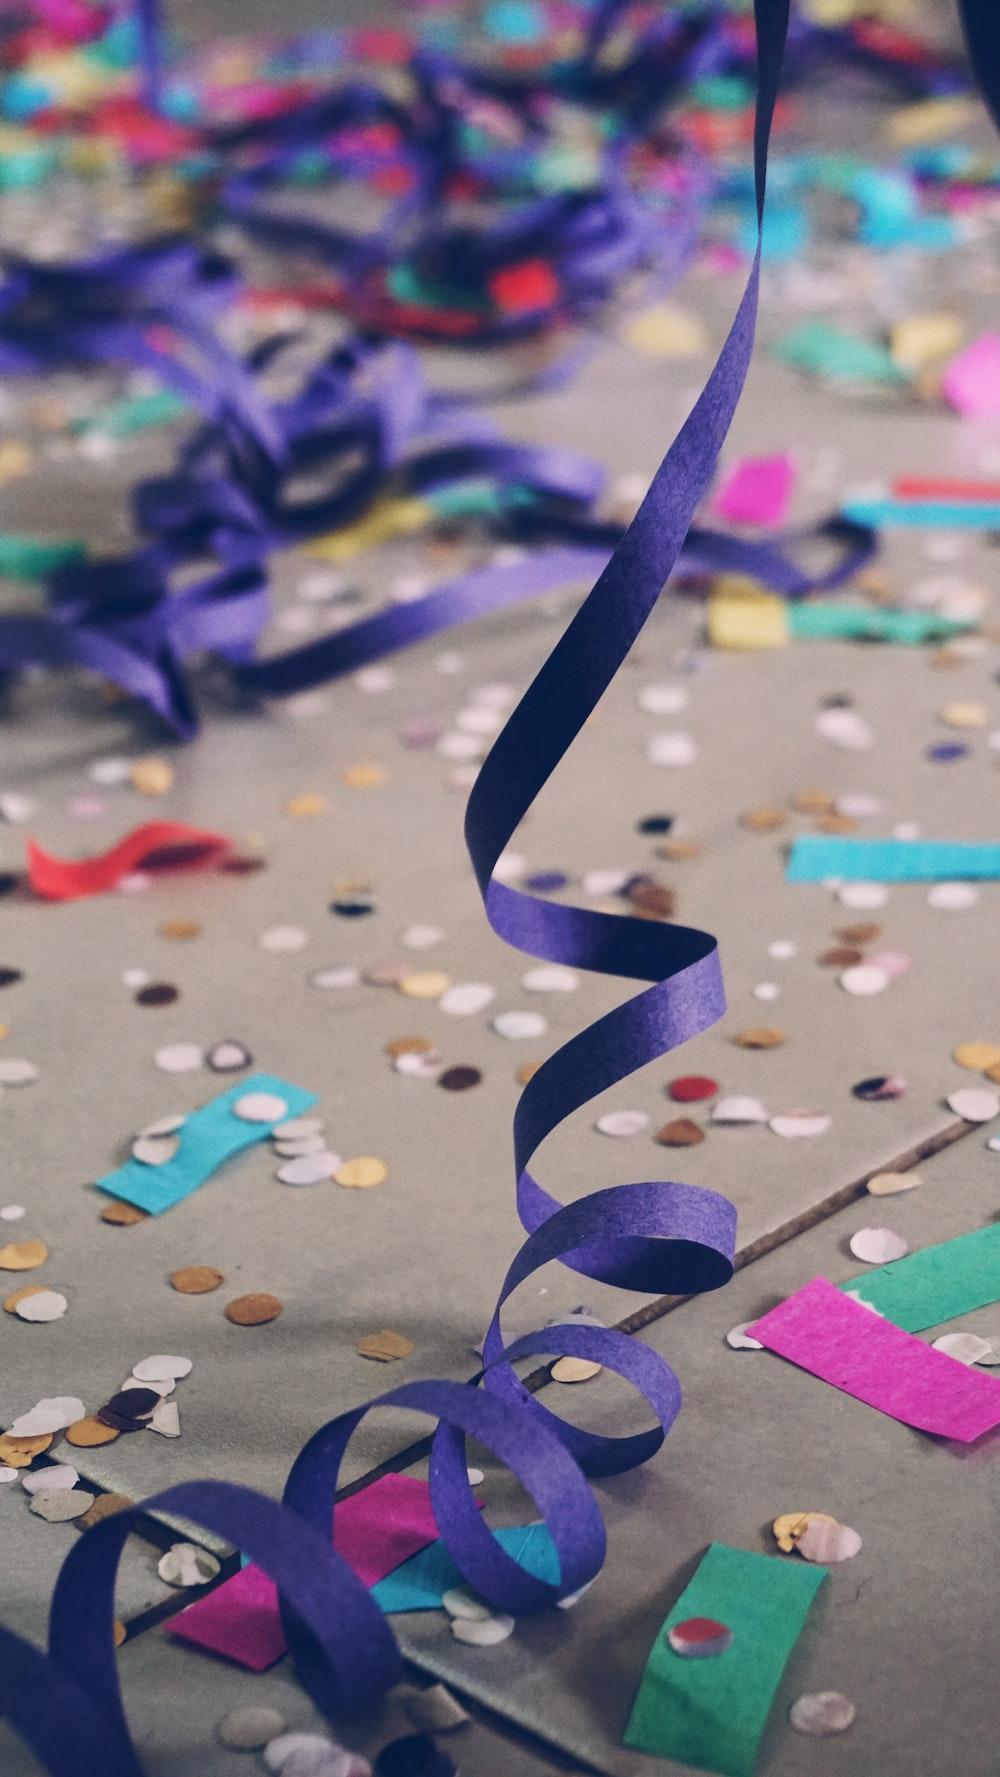 photo of assorted-colored confetti